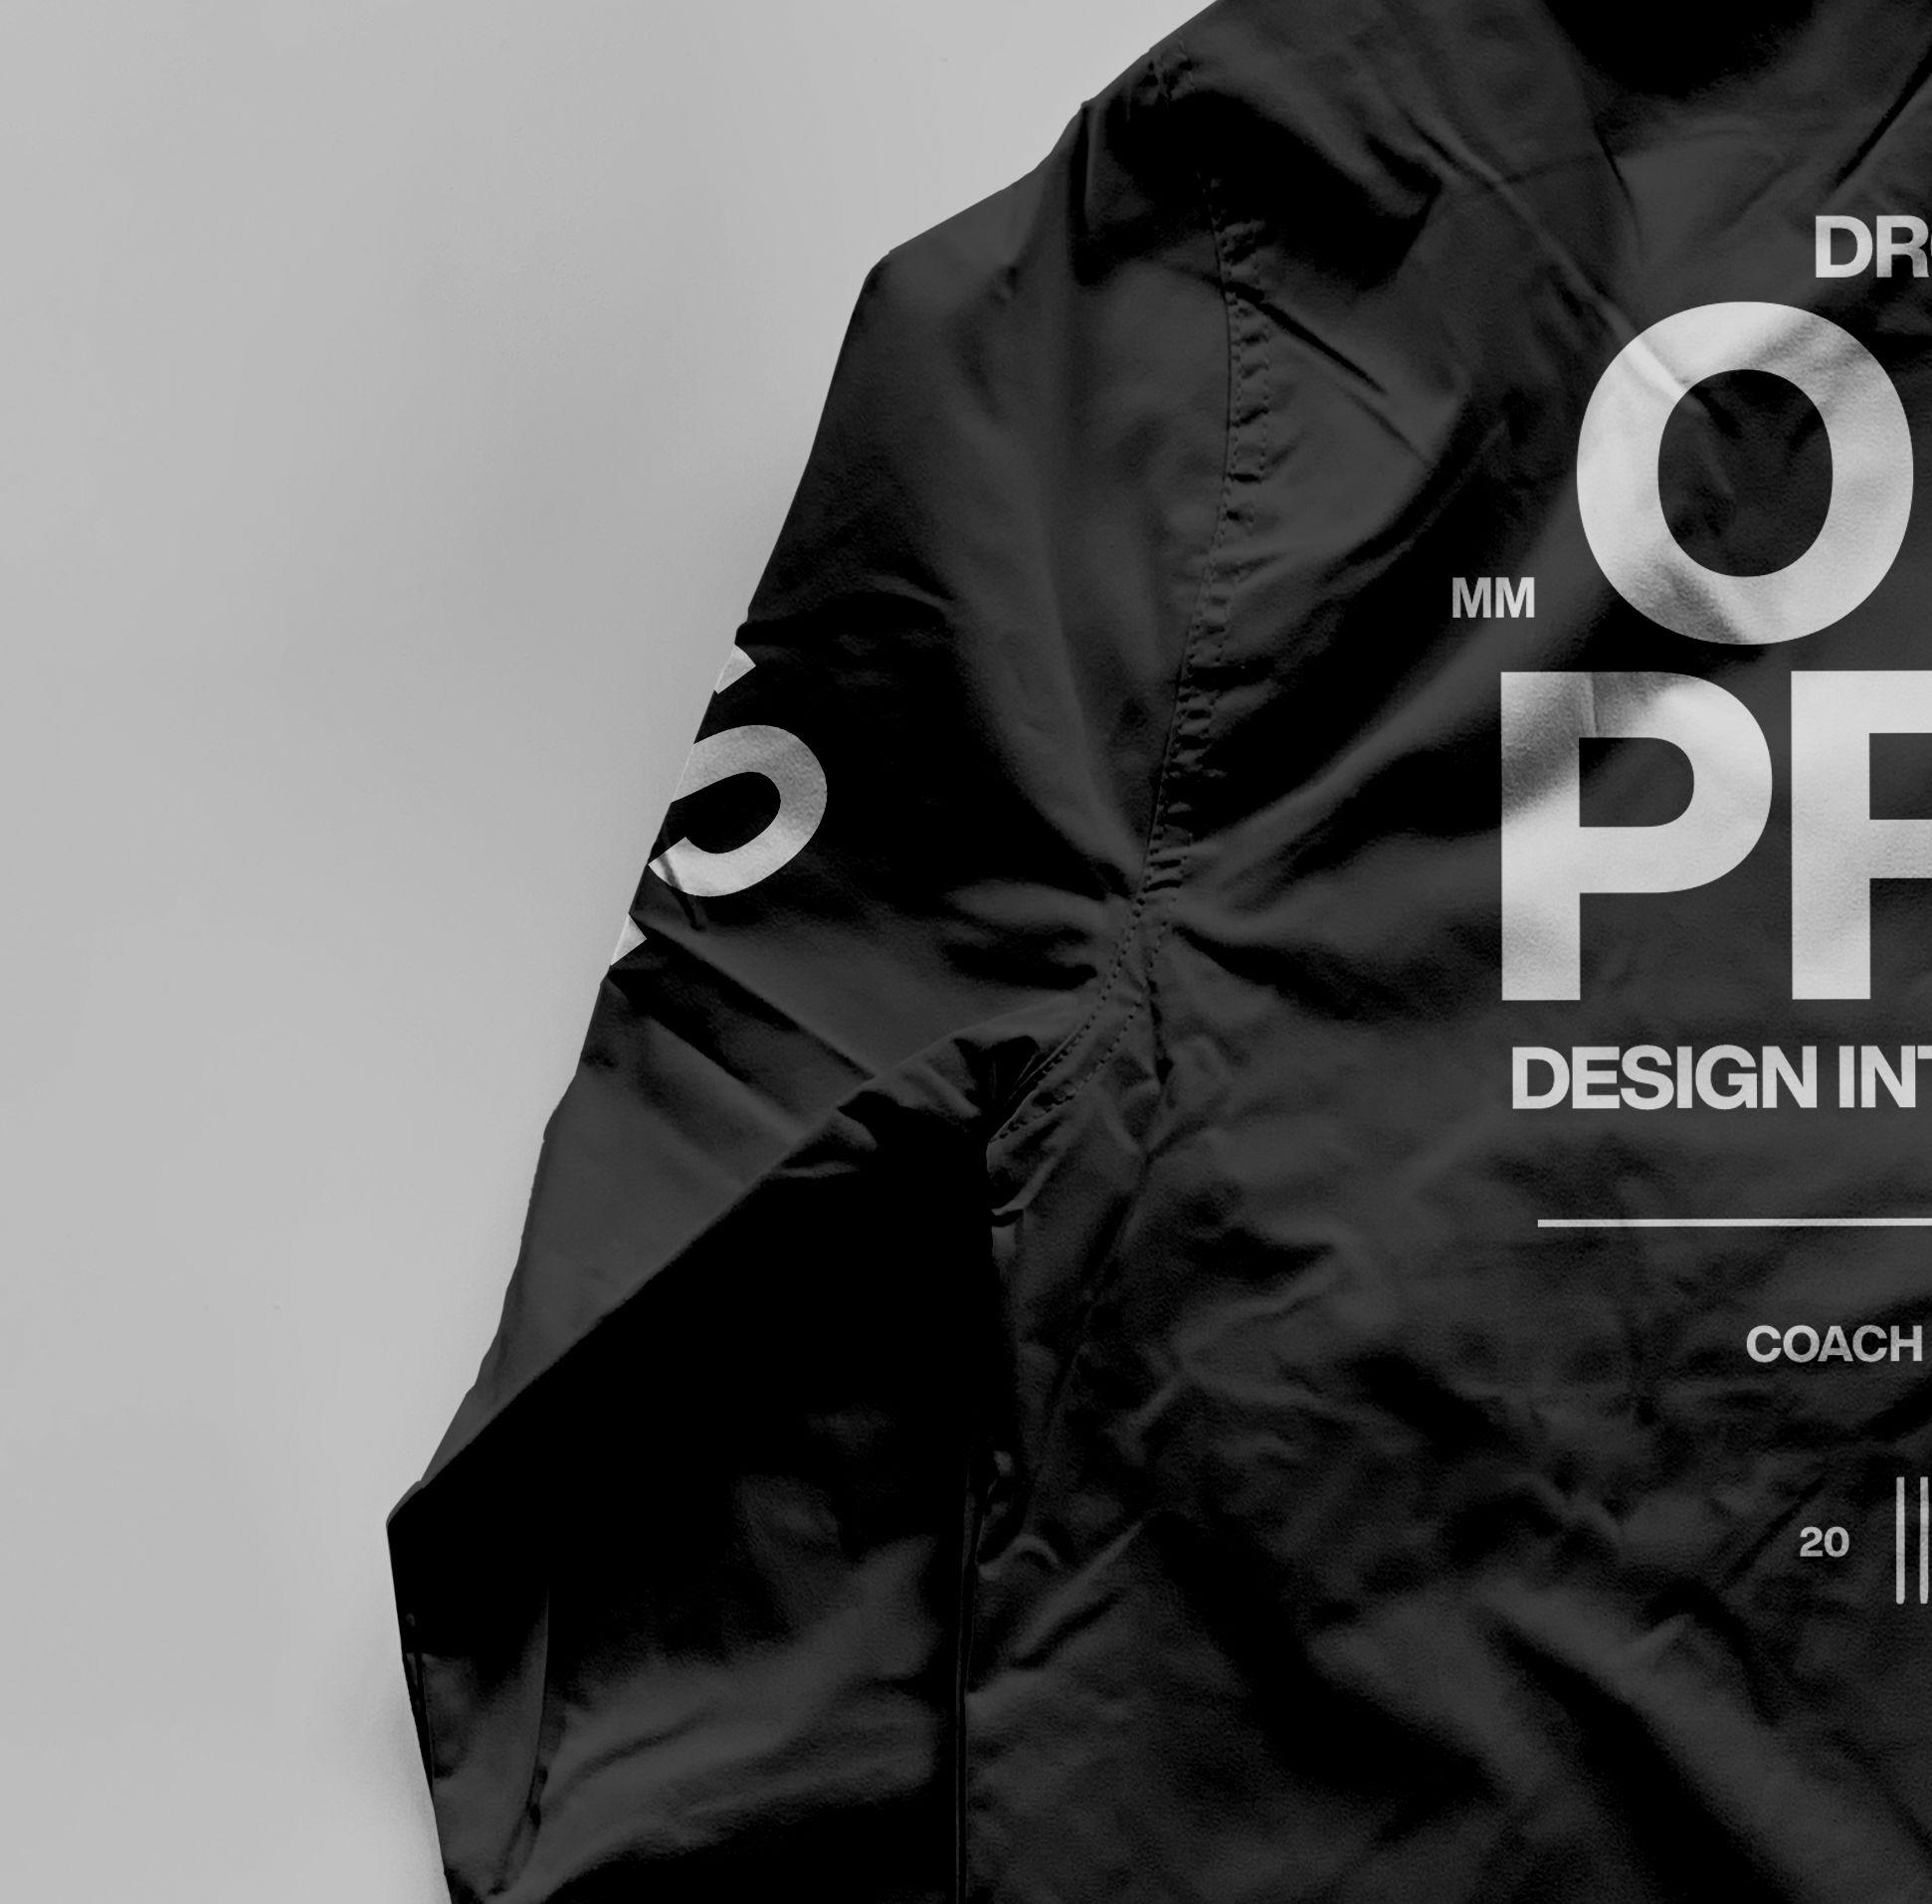 教练长袖夹克衫设计展示样机模板合集 Coach Jacket – Mockup Bundle插图(8)